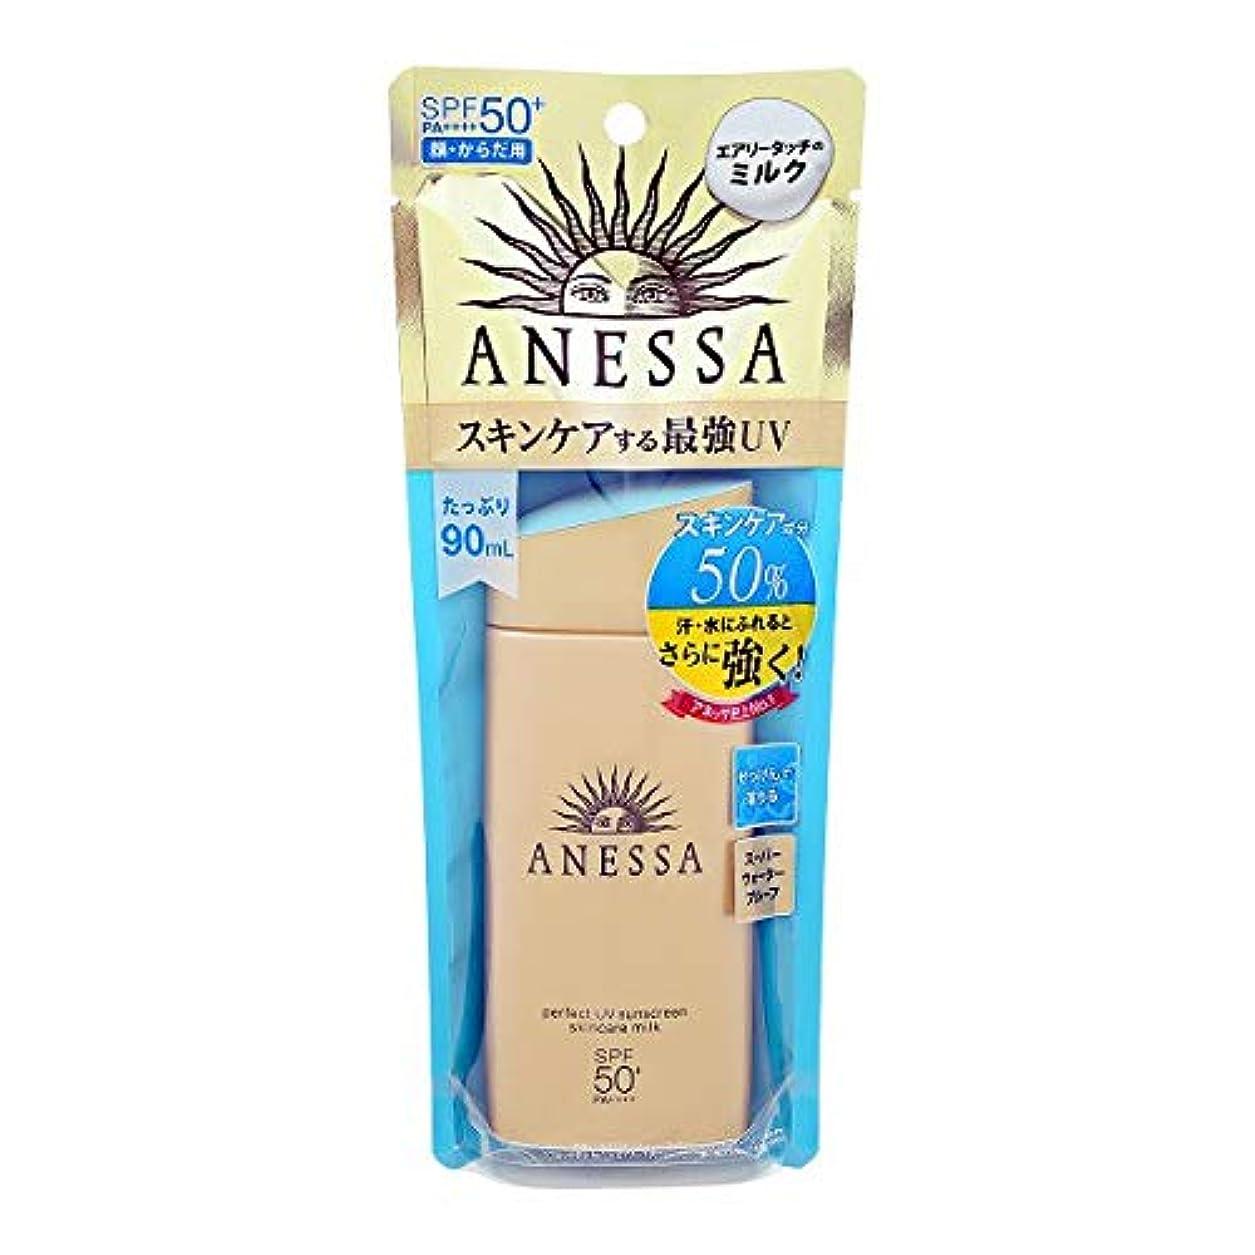 赤道香ばしい電報アネッサ(ANESSA) パーフェクトUV スキンケアミルク 90mL [ 日焼け止め ] [並行輸入品]